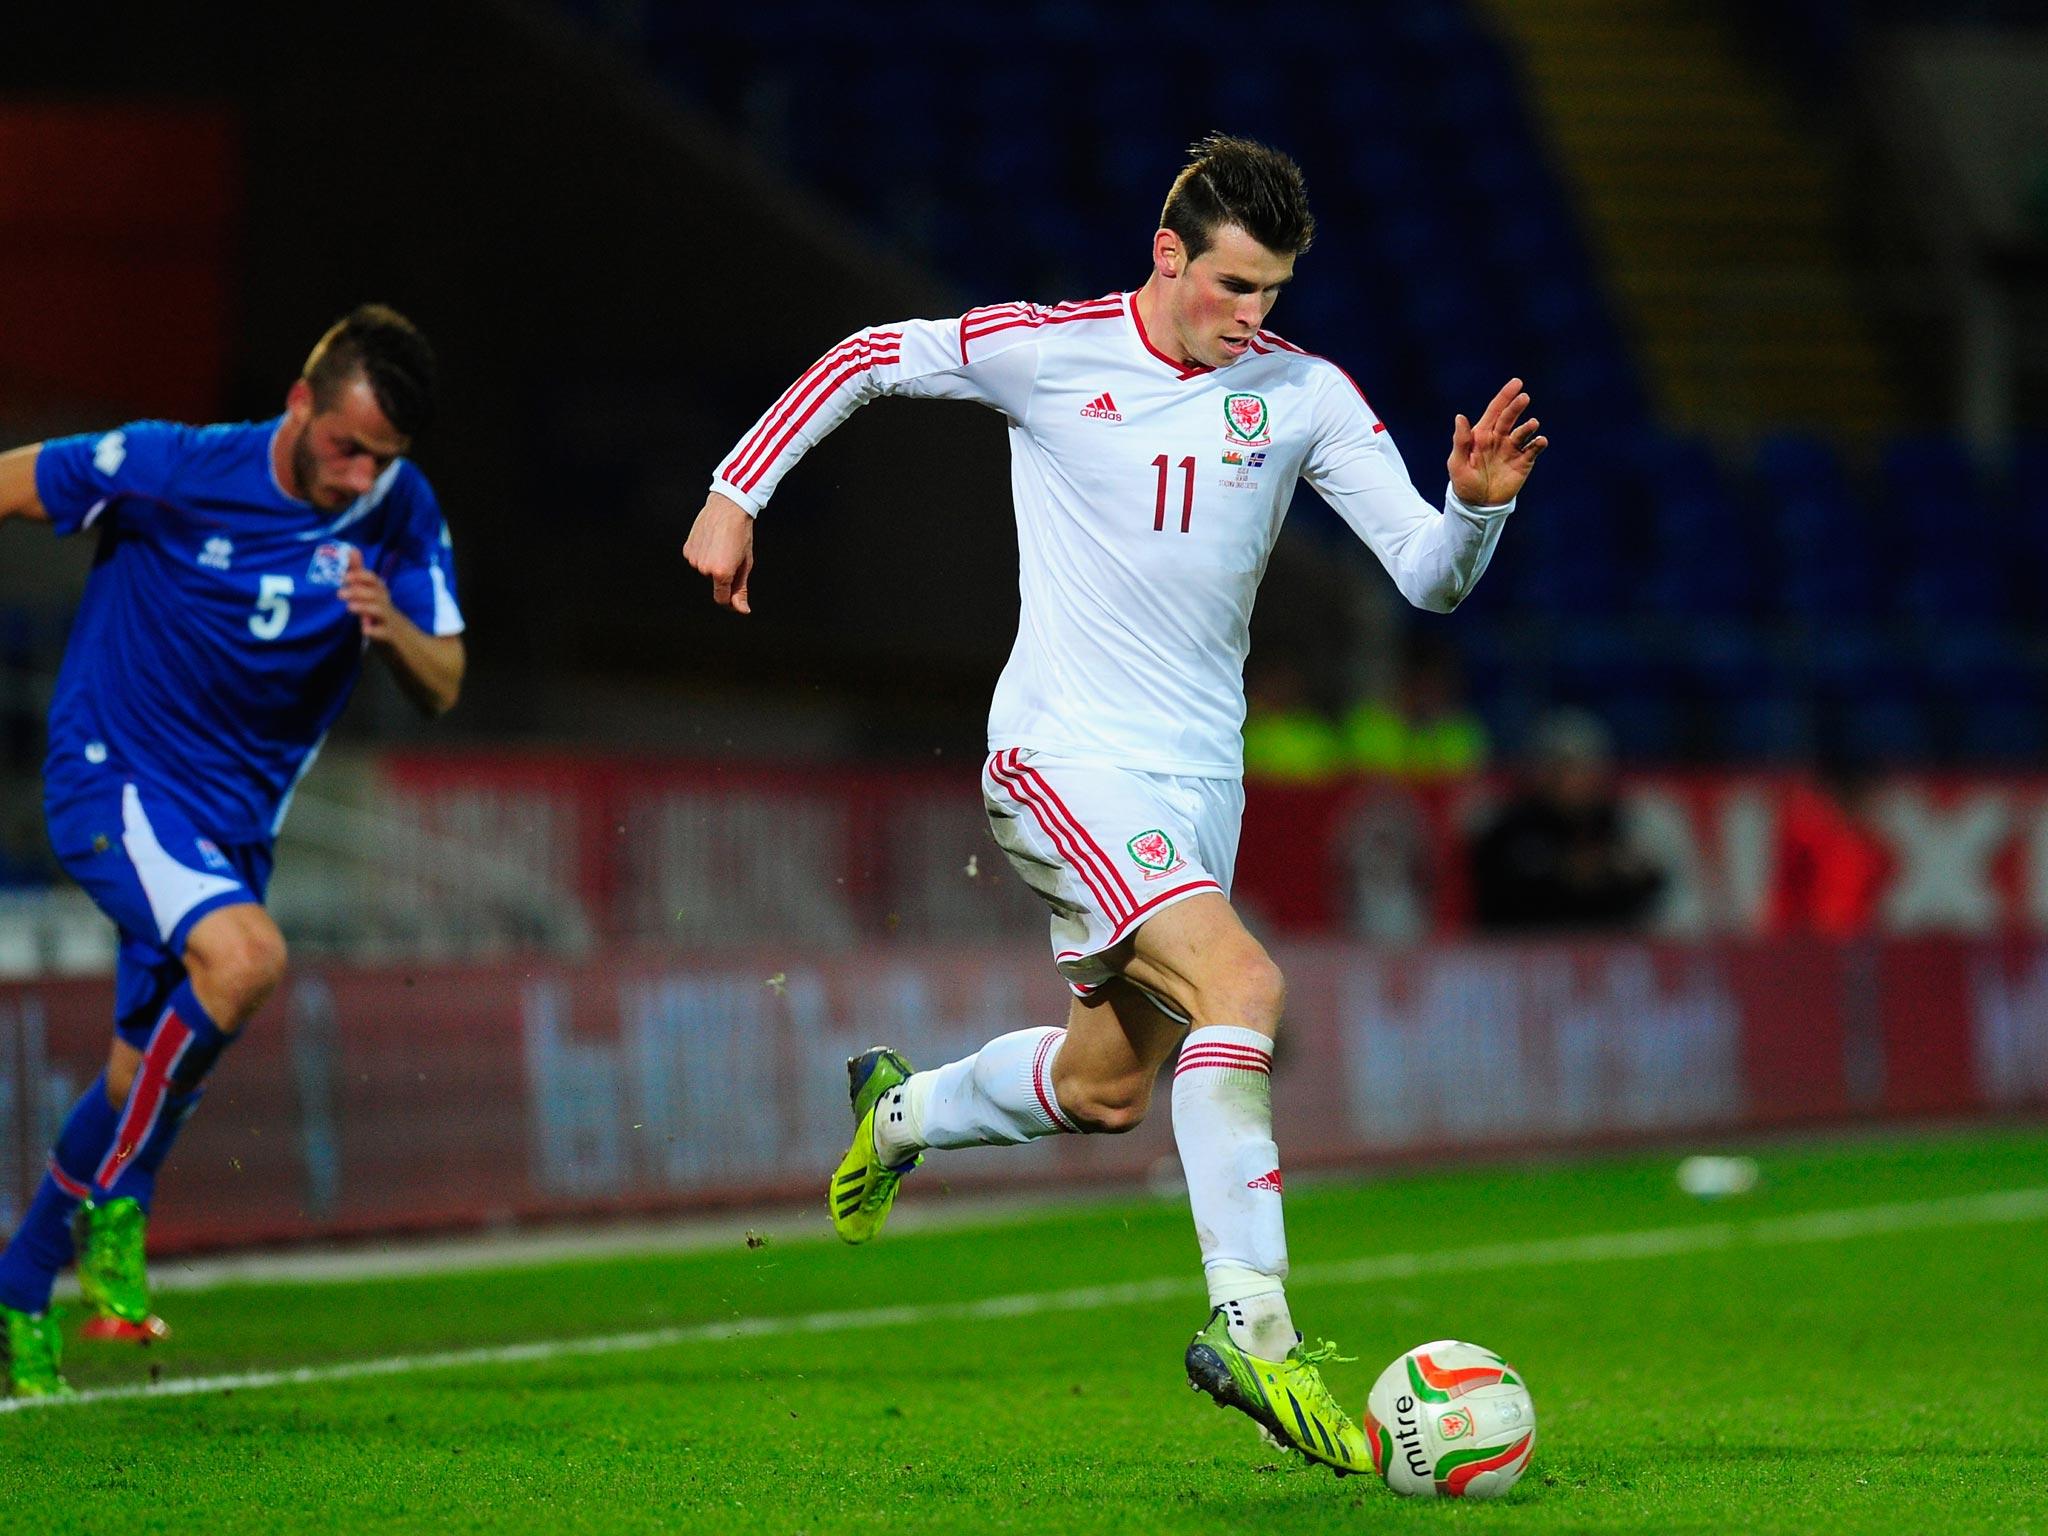 Bale Free Kick Wallpaper Wales 3 Iceland 1 Gareth Bale